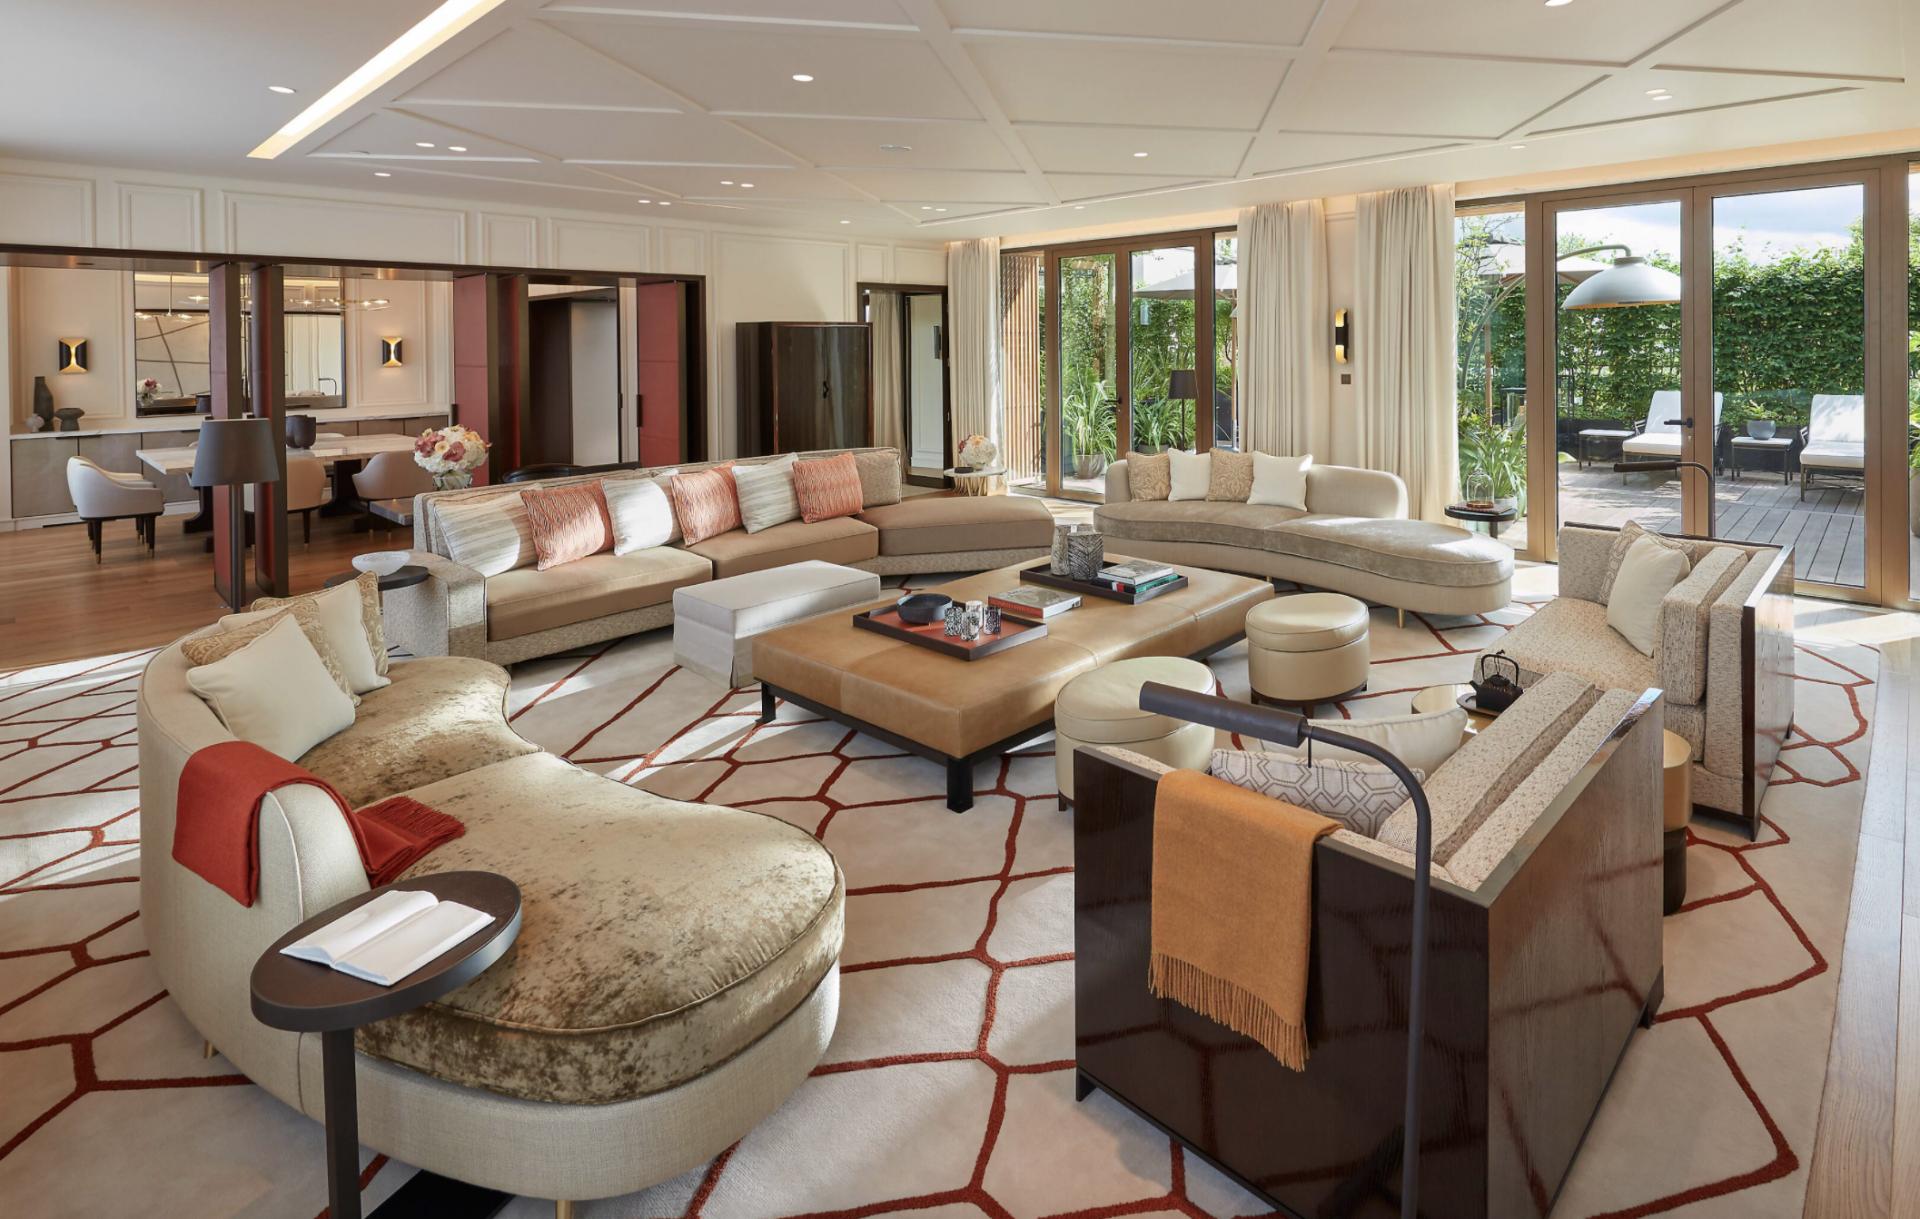 Mandarin oriental Paris, suite Wohnzimmer